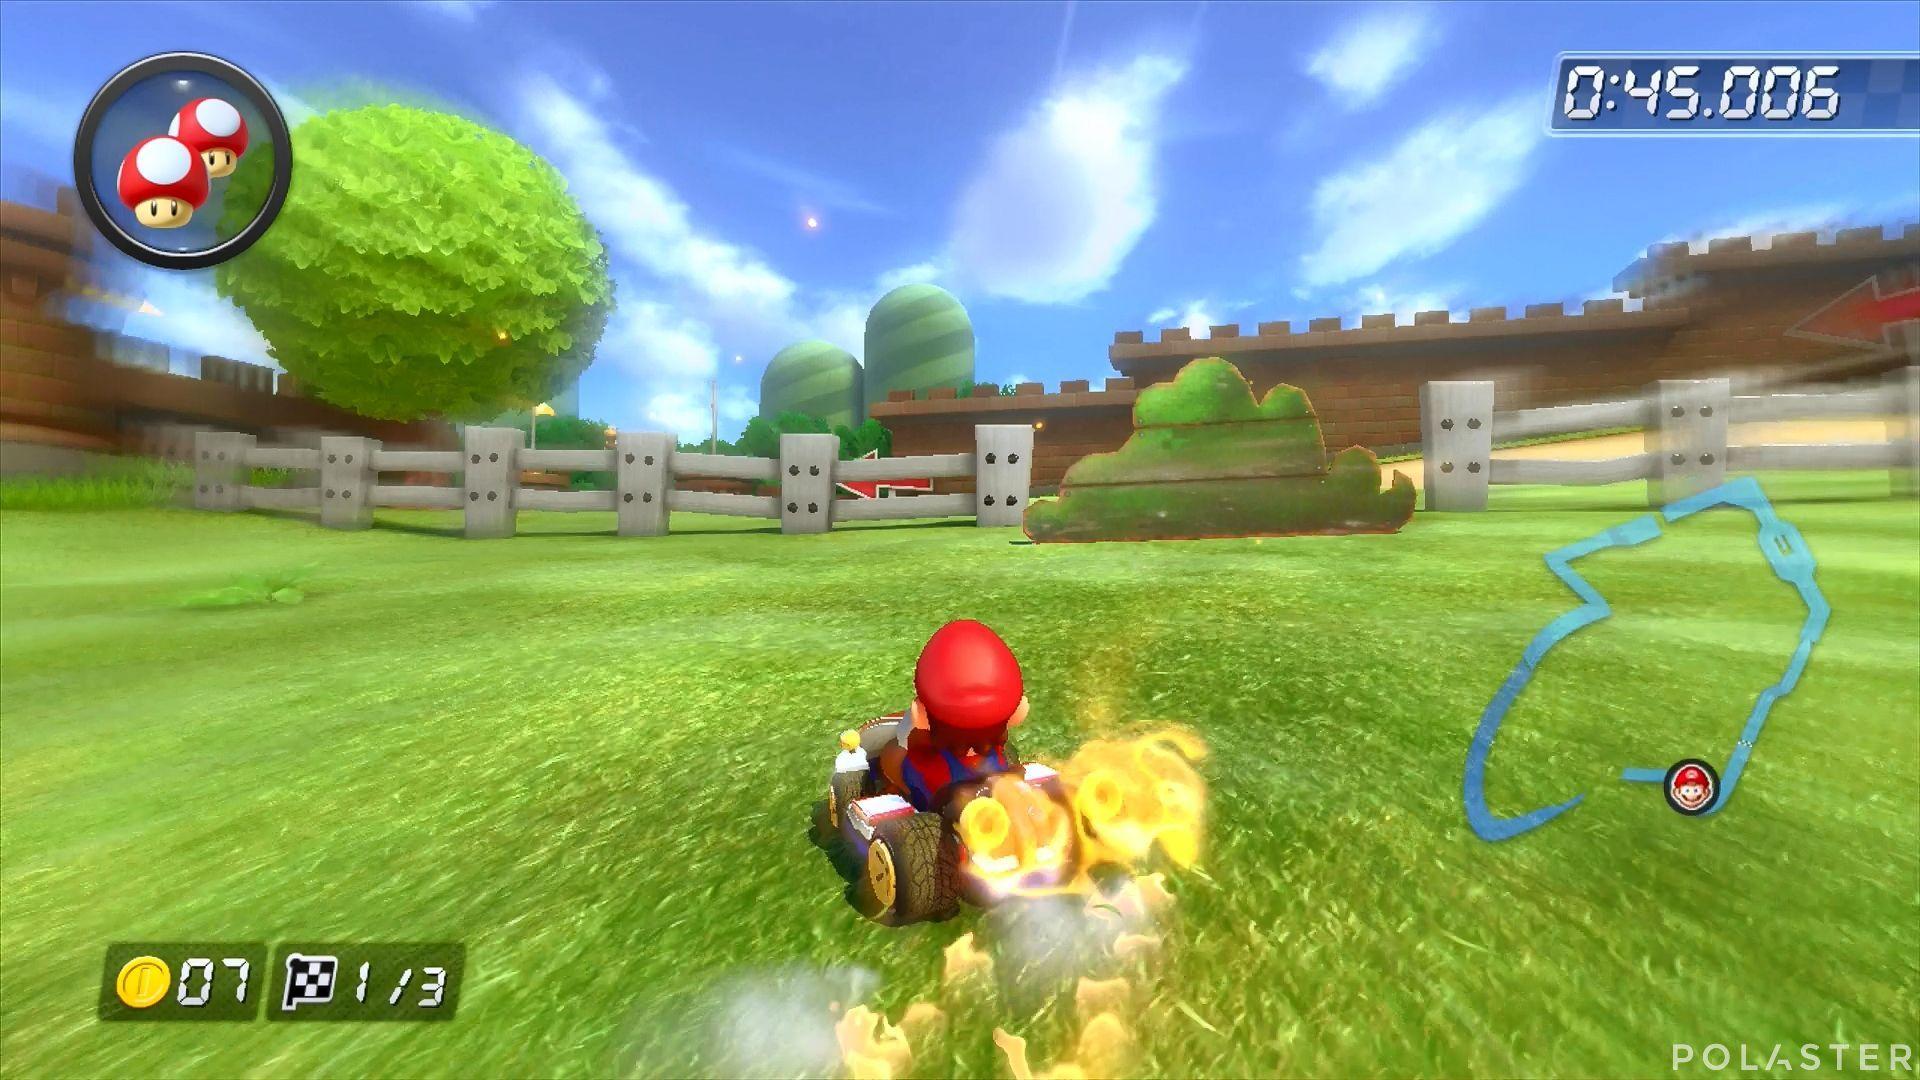 Mario Kart 8 - Tuberías Planta Piraña